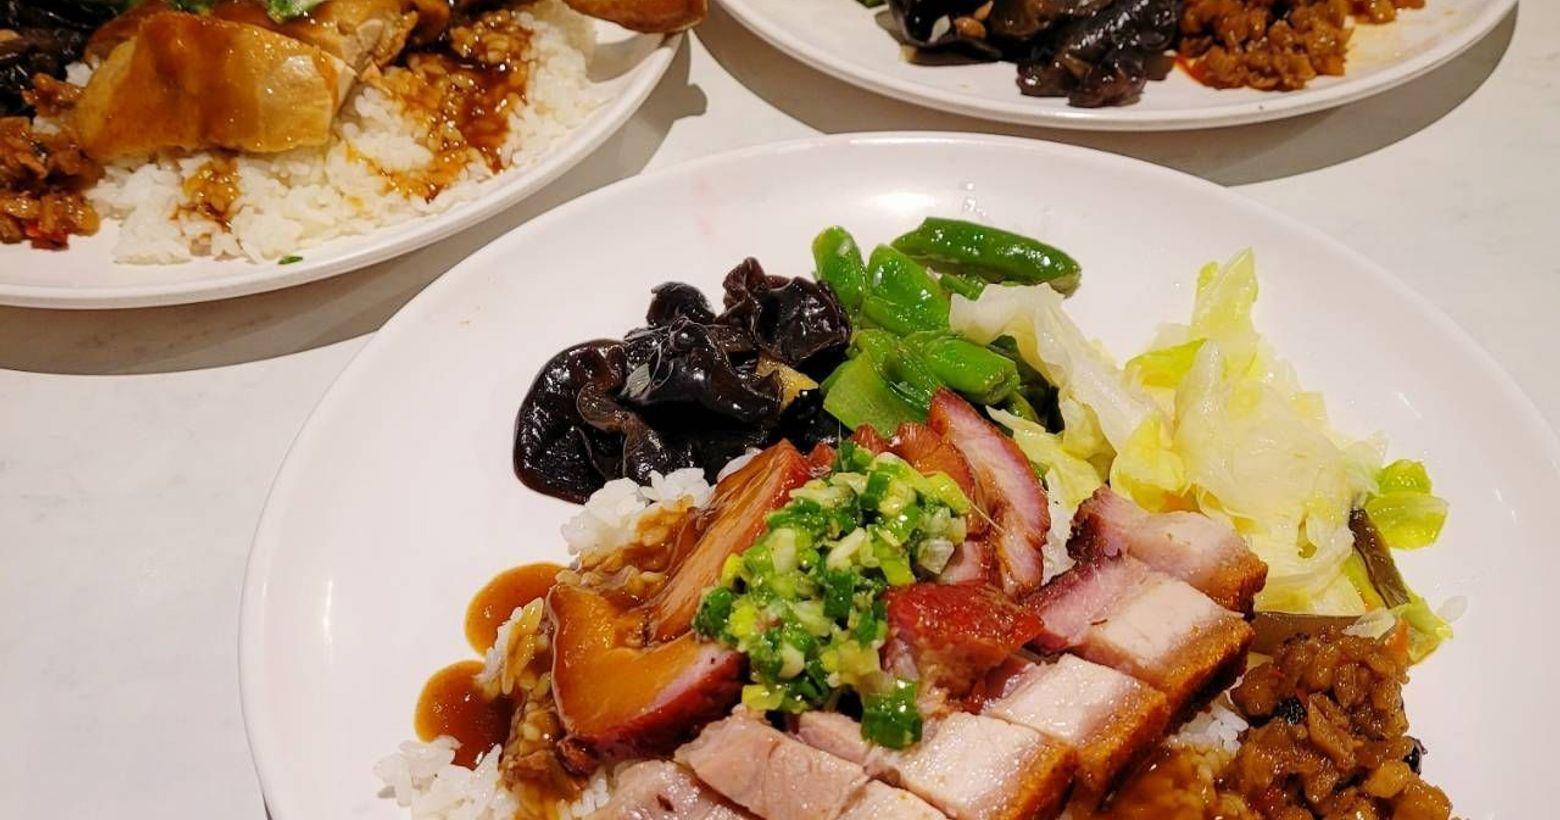 台北市目前心中第一名的燒臘飯🤤這篇在IG破百收藏了必須上來也放一下XD不過波波改版圖片好難調QQ看